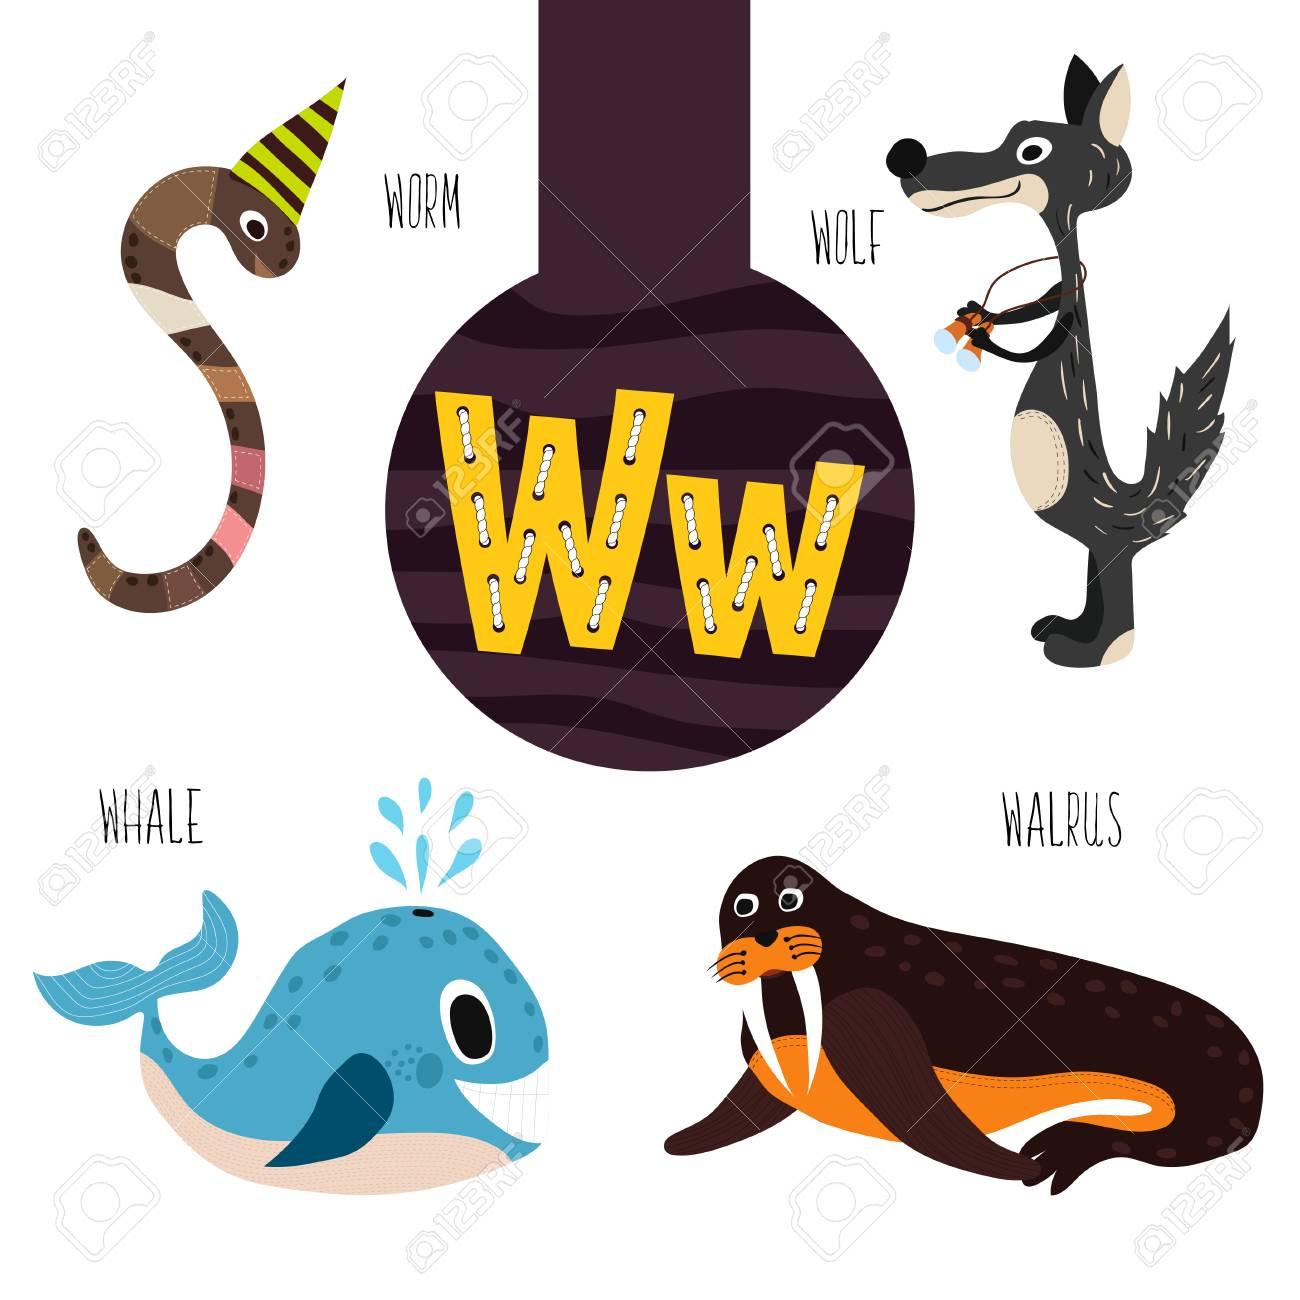 Lettres D'animaux Fun De L'alphabet Pour Le Développement Et  L'apprentissage Des Enfants D'âge Préscolaire. Ensemble De Forêt Mignon,  Les Animaux destiné Les Animaux Domestiques En Maternelle